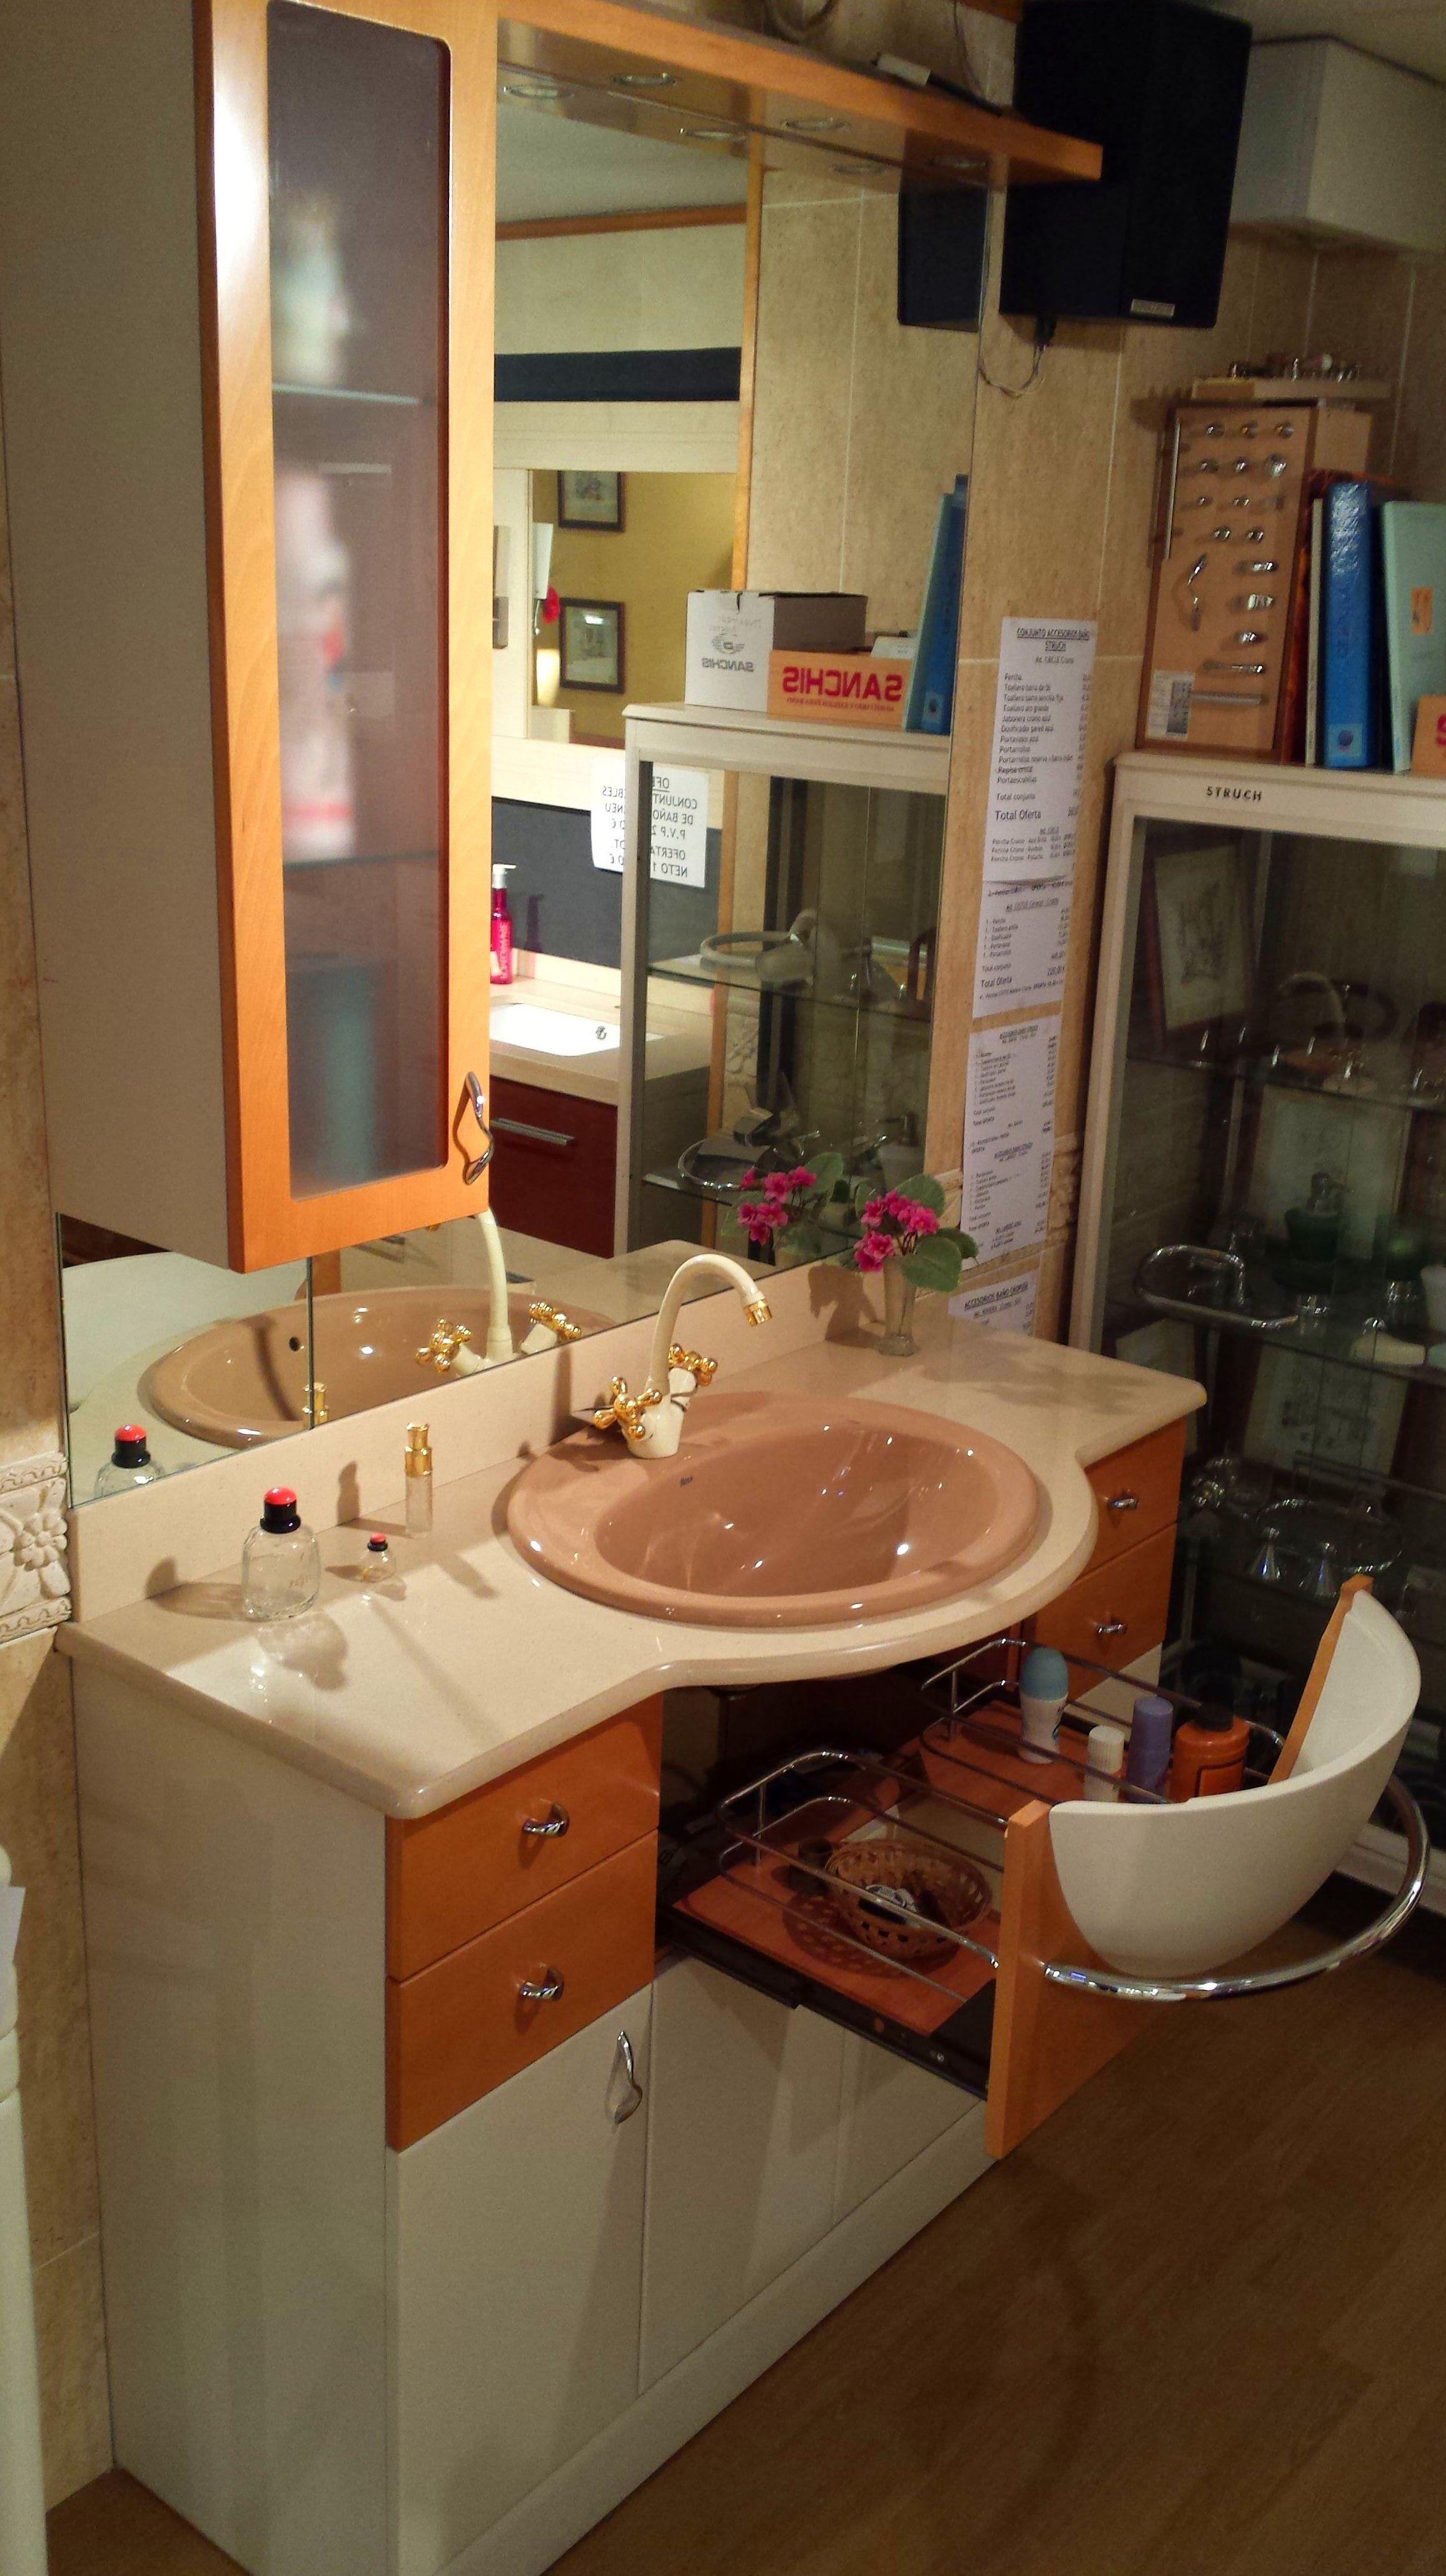 Muebles De Baño Gijon:en muebles de baño por cambio de exposiciones conjuntos de muebles